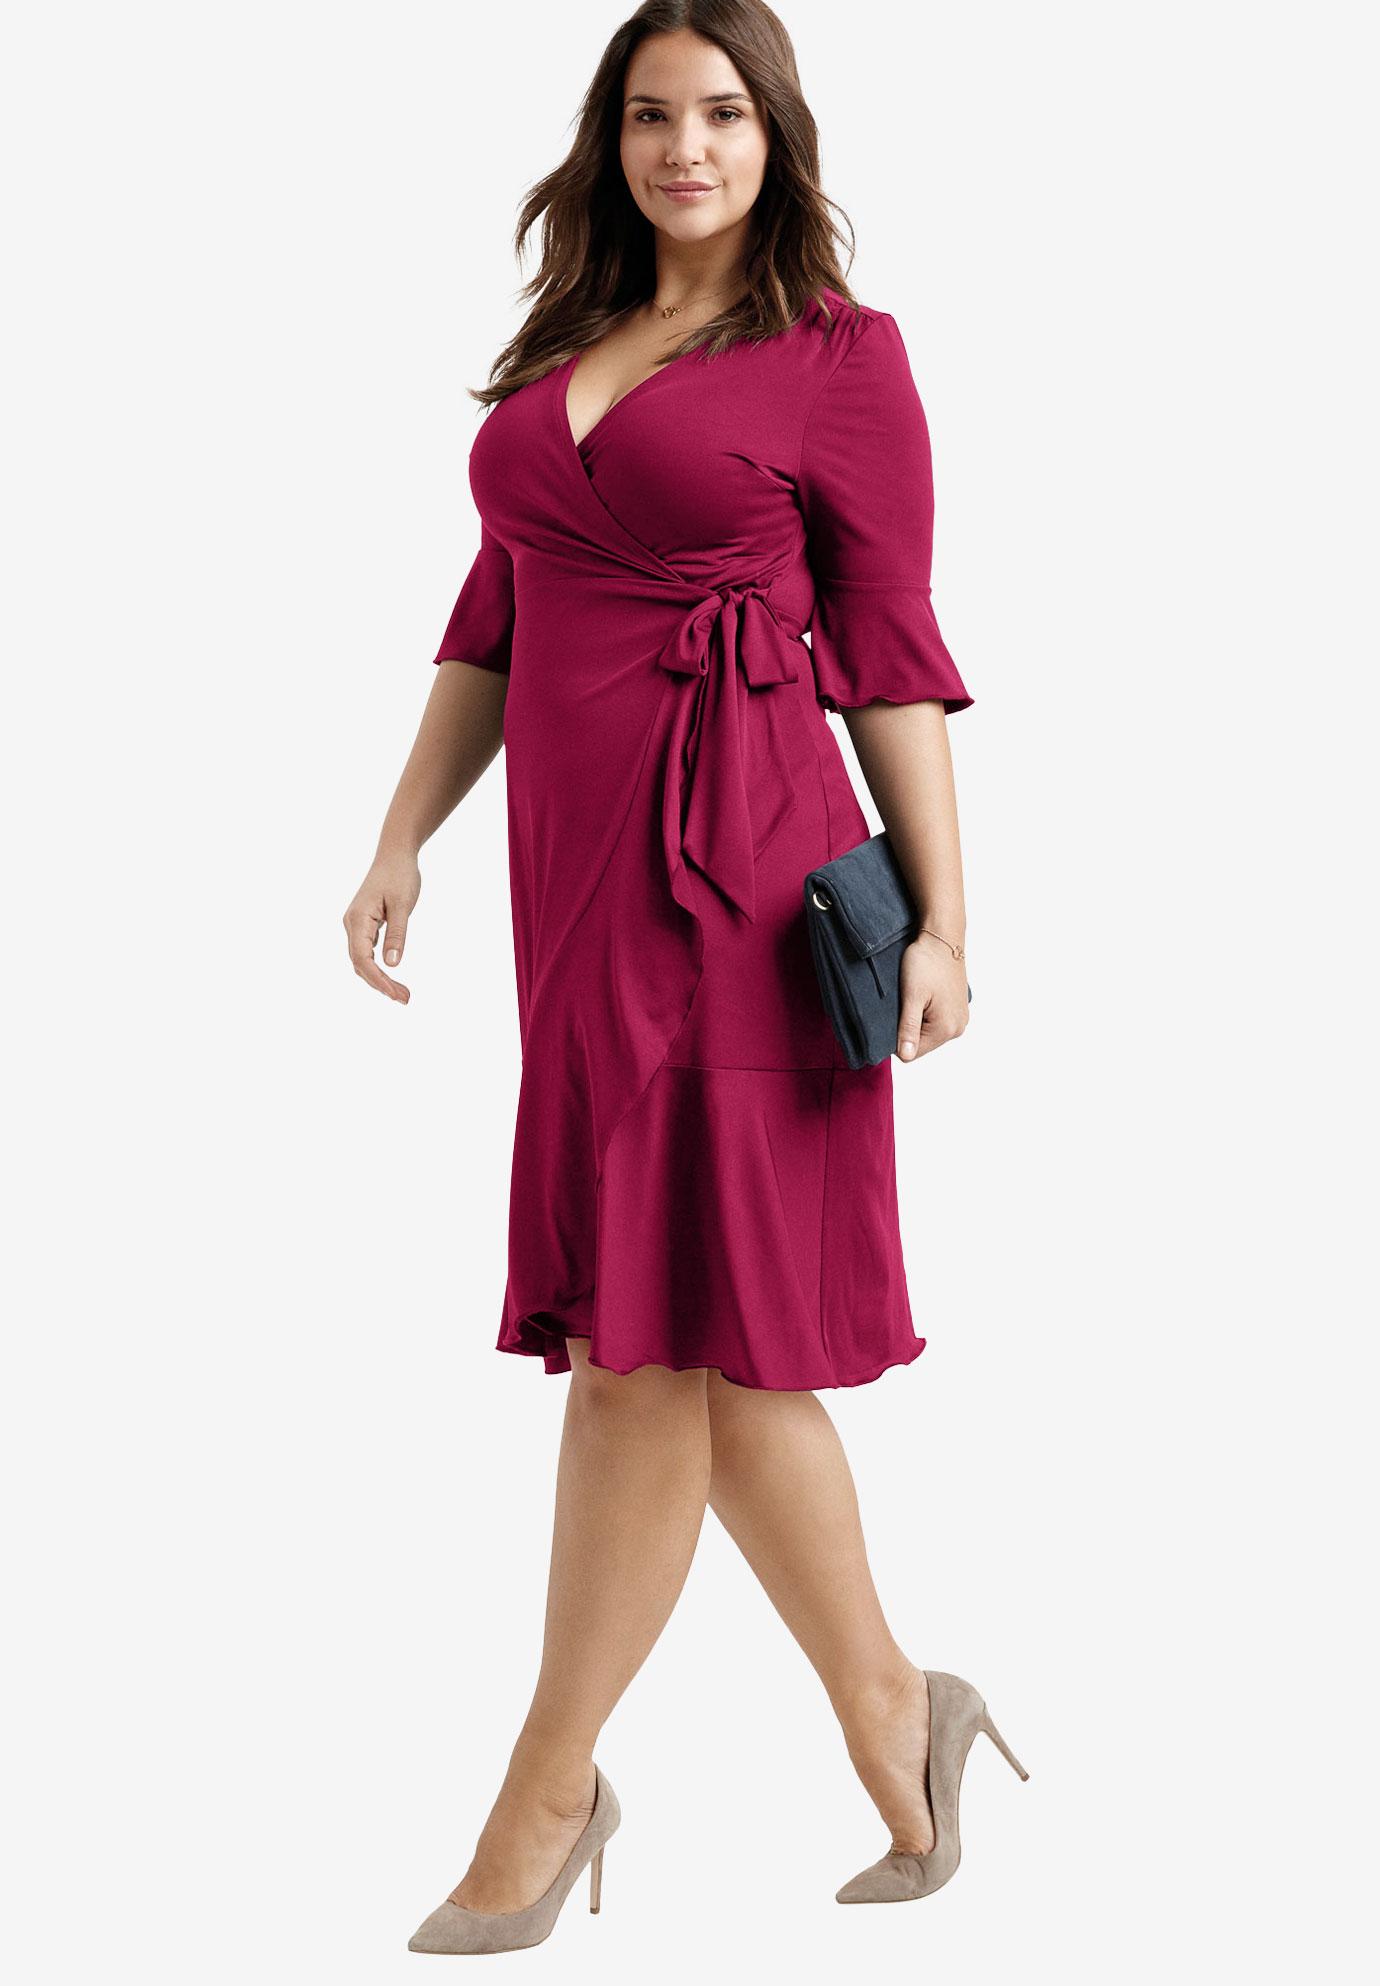 e505673c Ruffle Trim Wrap Dress by ellos®| Plus Size Party Dresses | Ellos